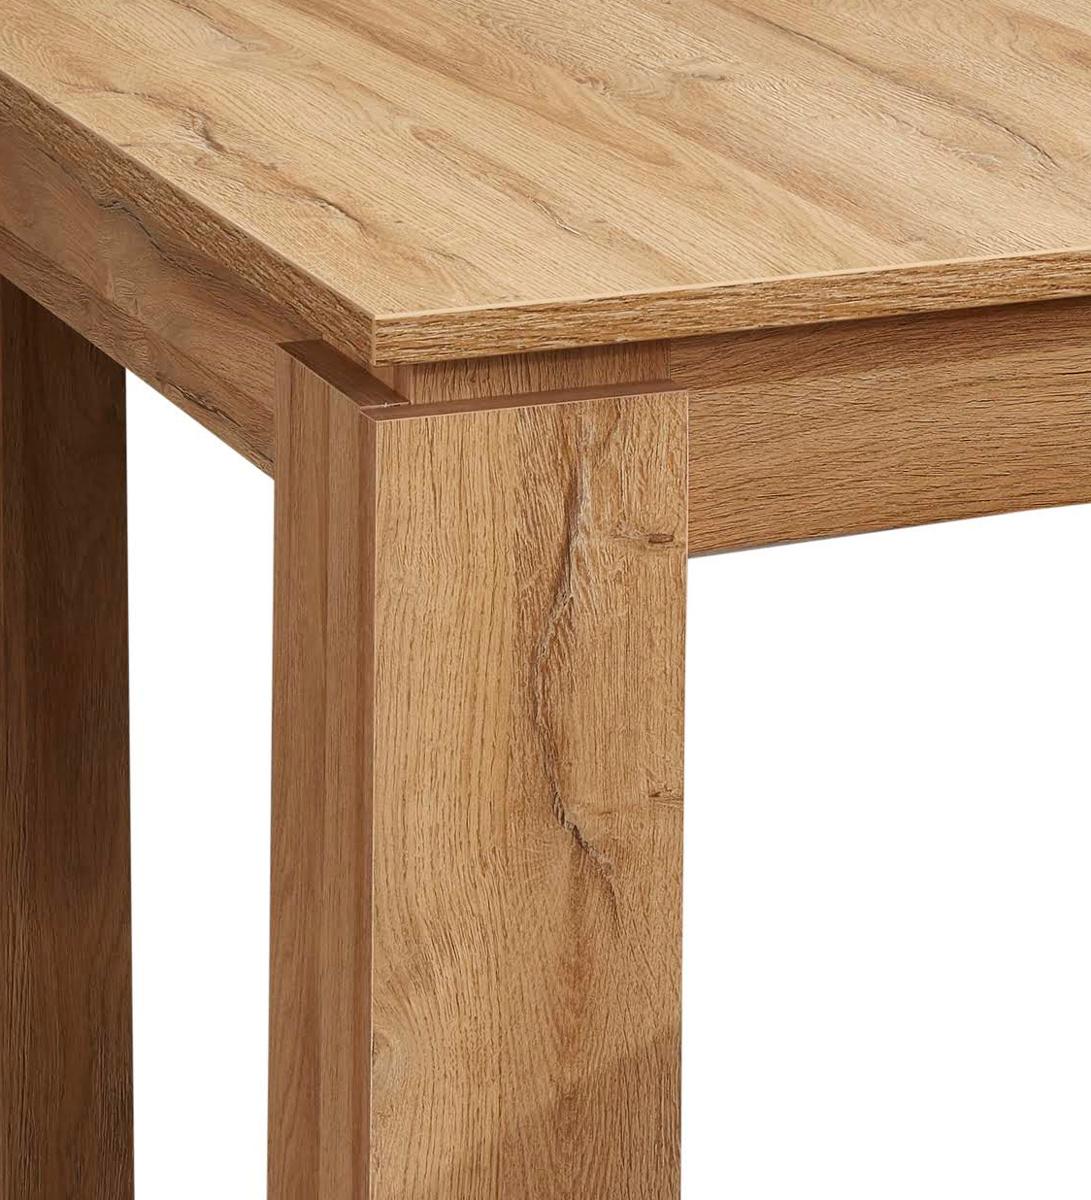 Esstisch in Wotan Eiche Küchentisch ausziehbar mit Einlegeplatte 160 200 x 90 cm Holztisch